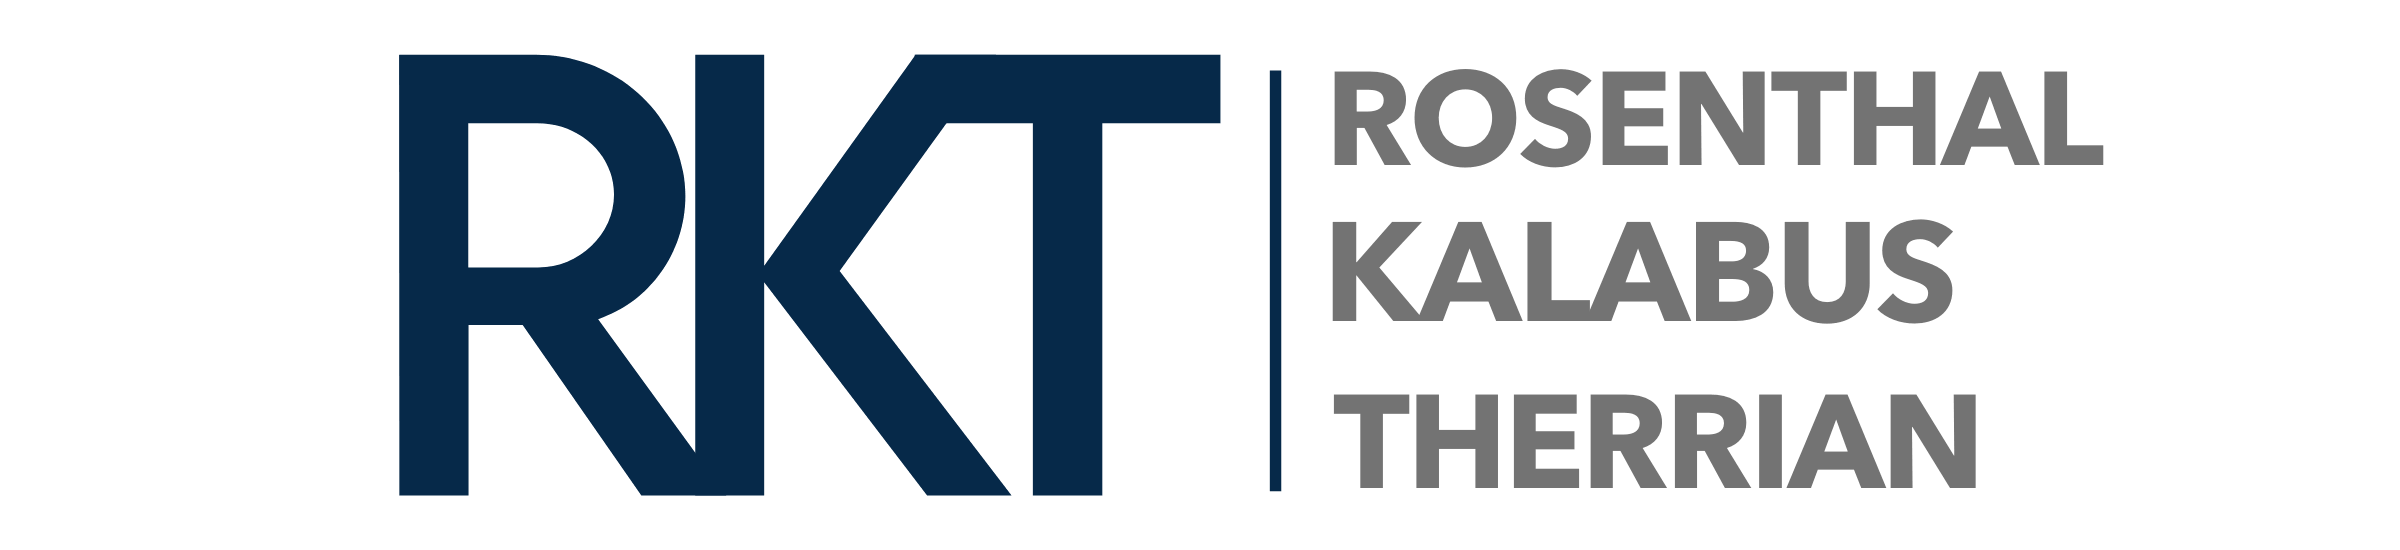 Rosenthal Kalabus & Therrian